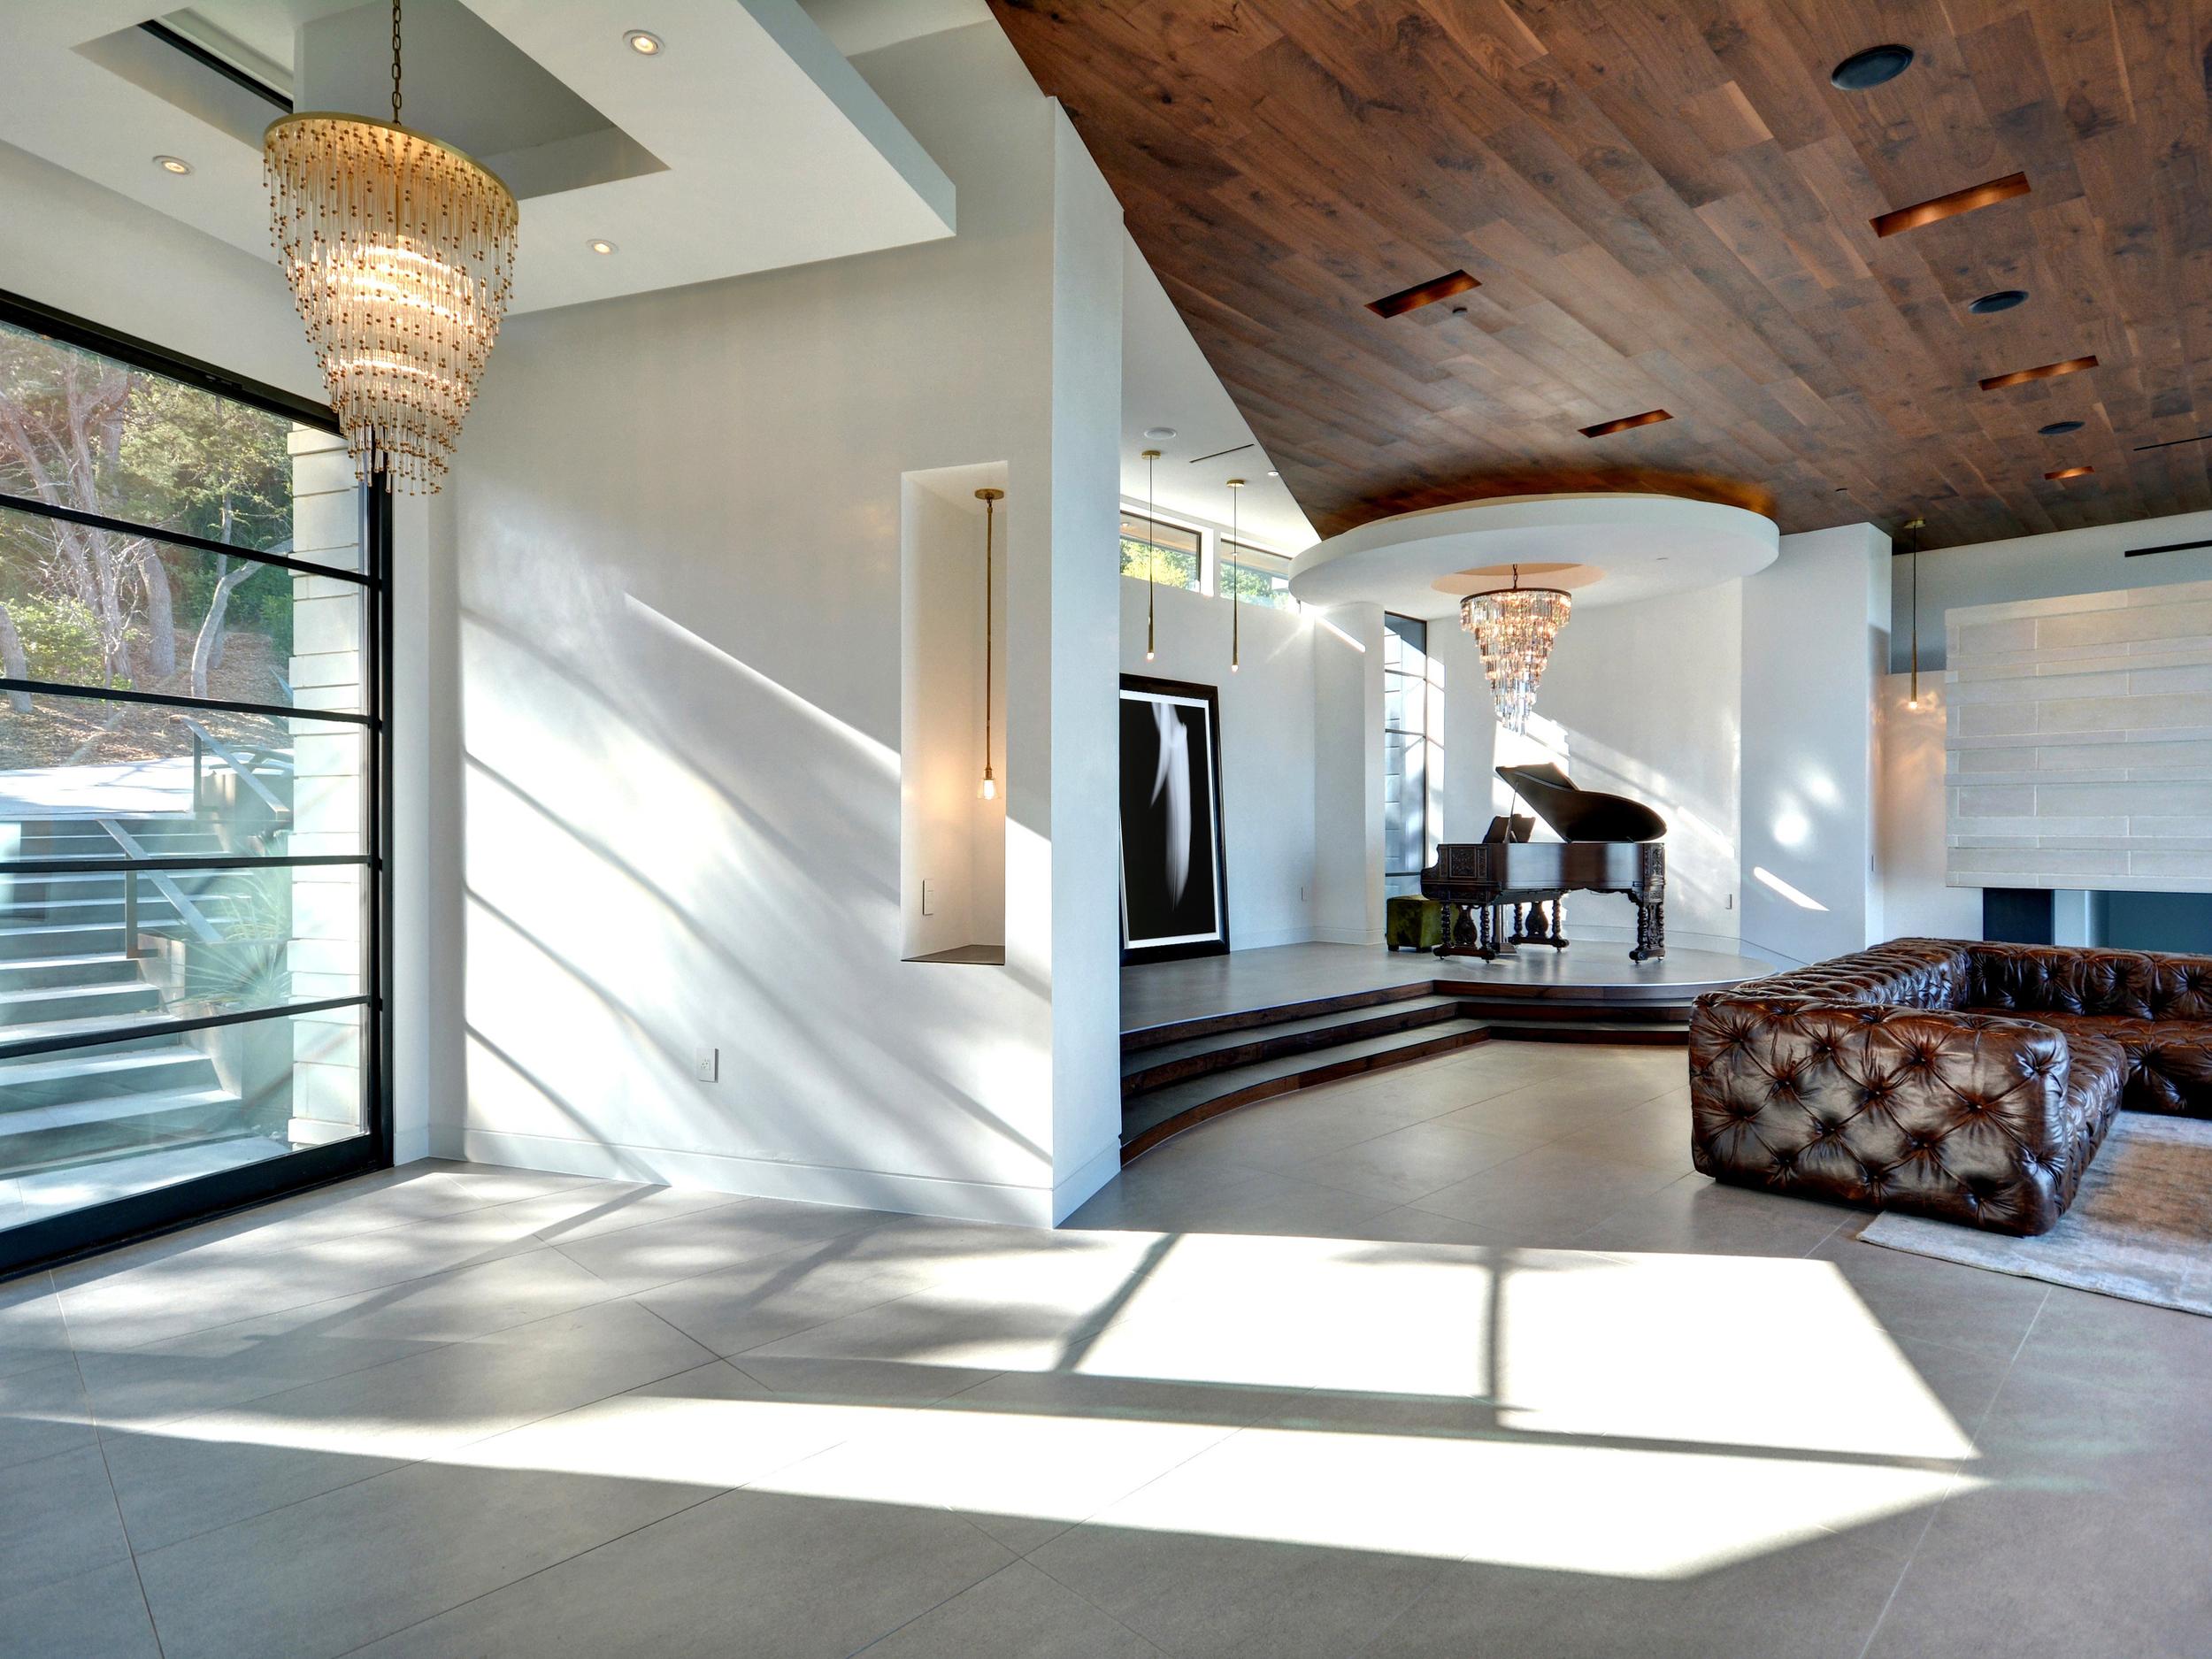 012_Foyer-Living_New_Art.jpg